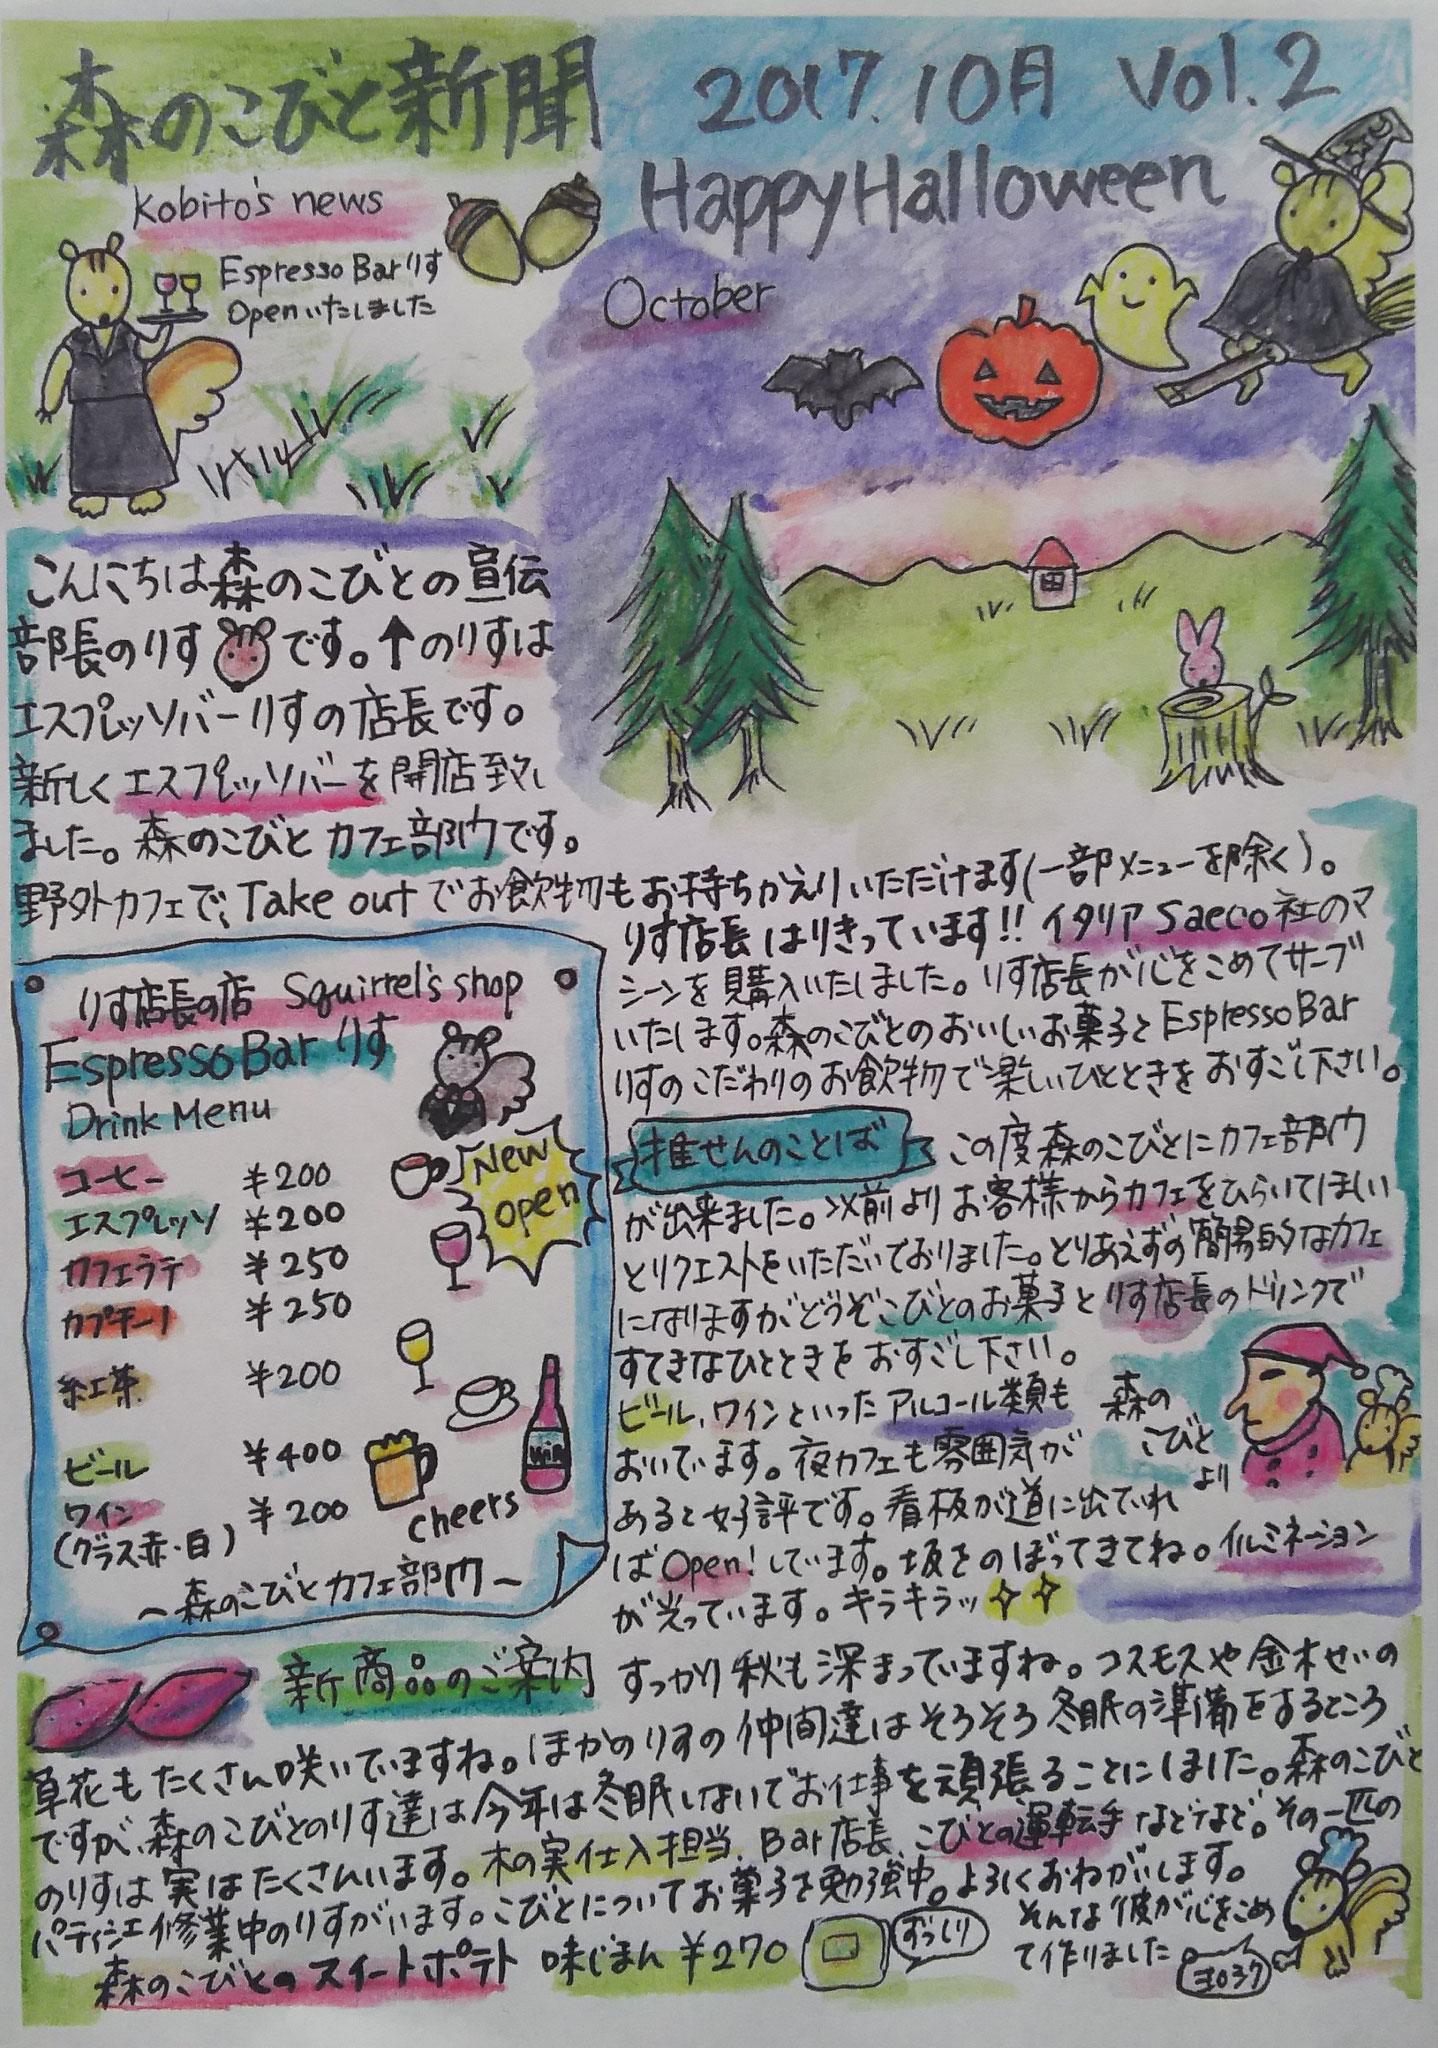 2017年10月号 Vol.2